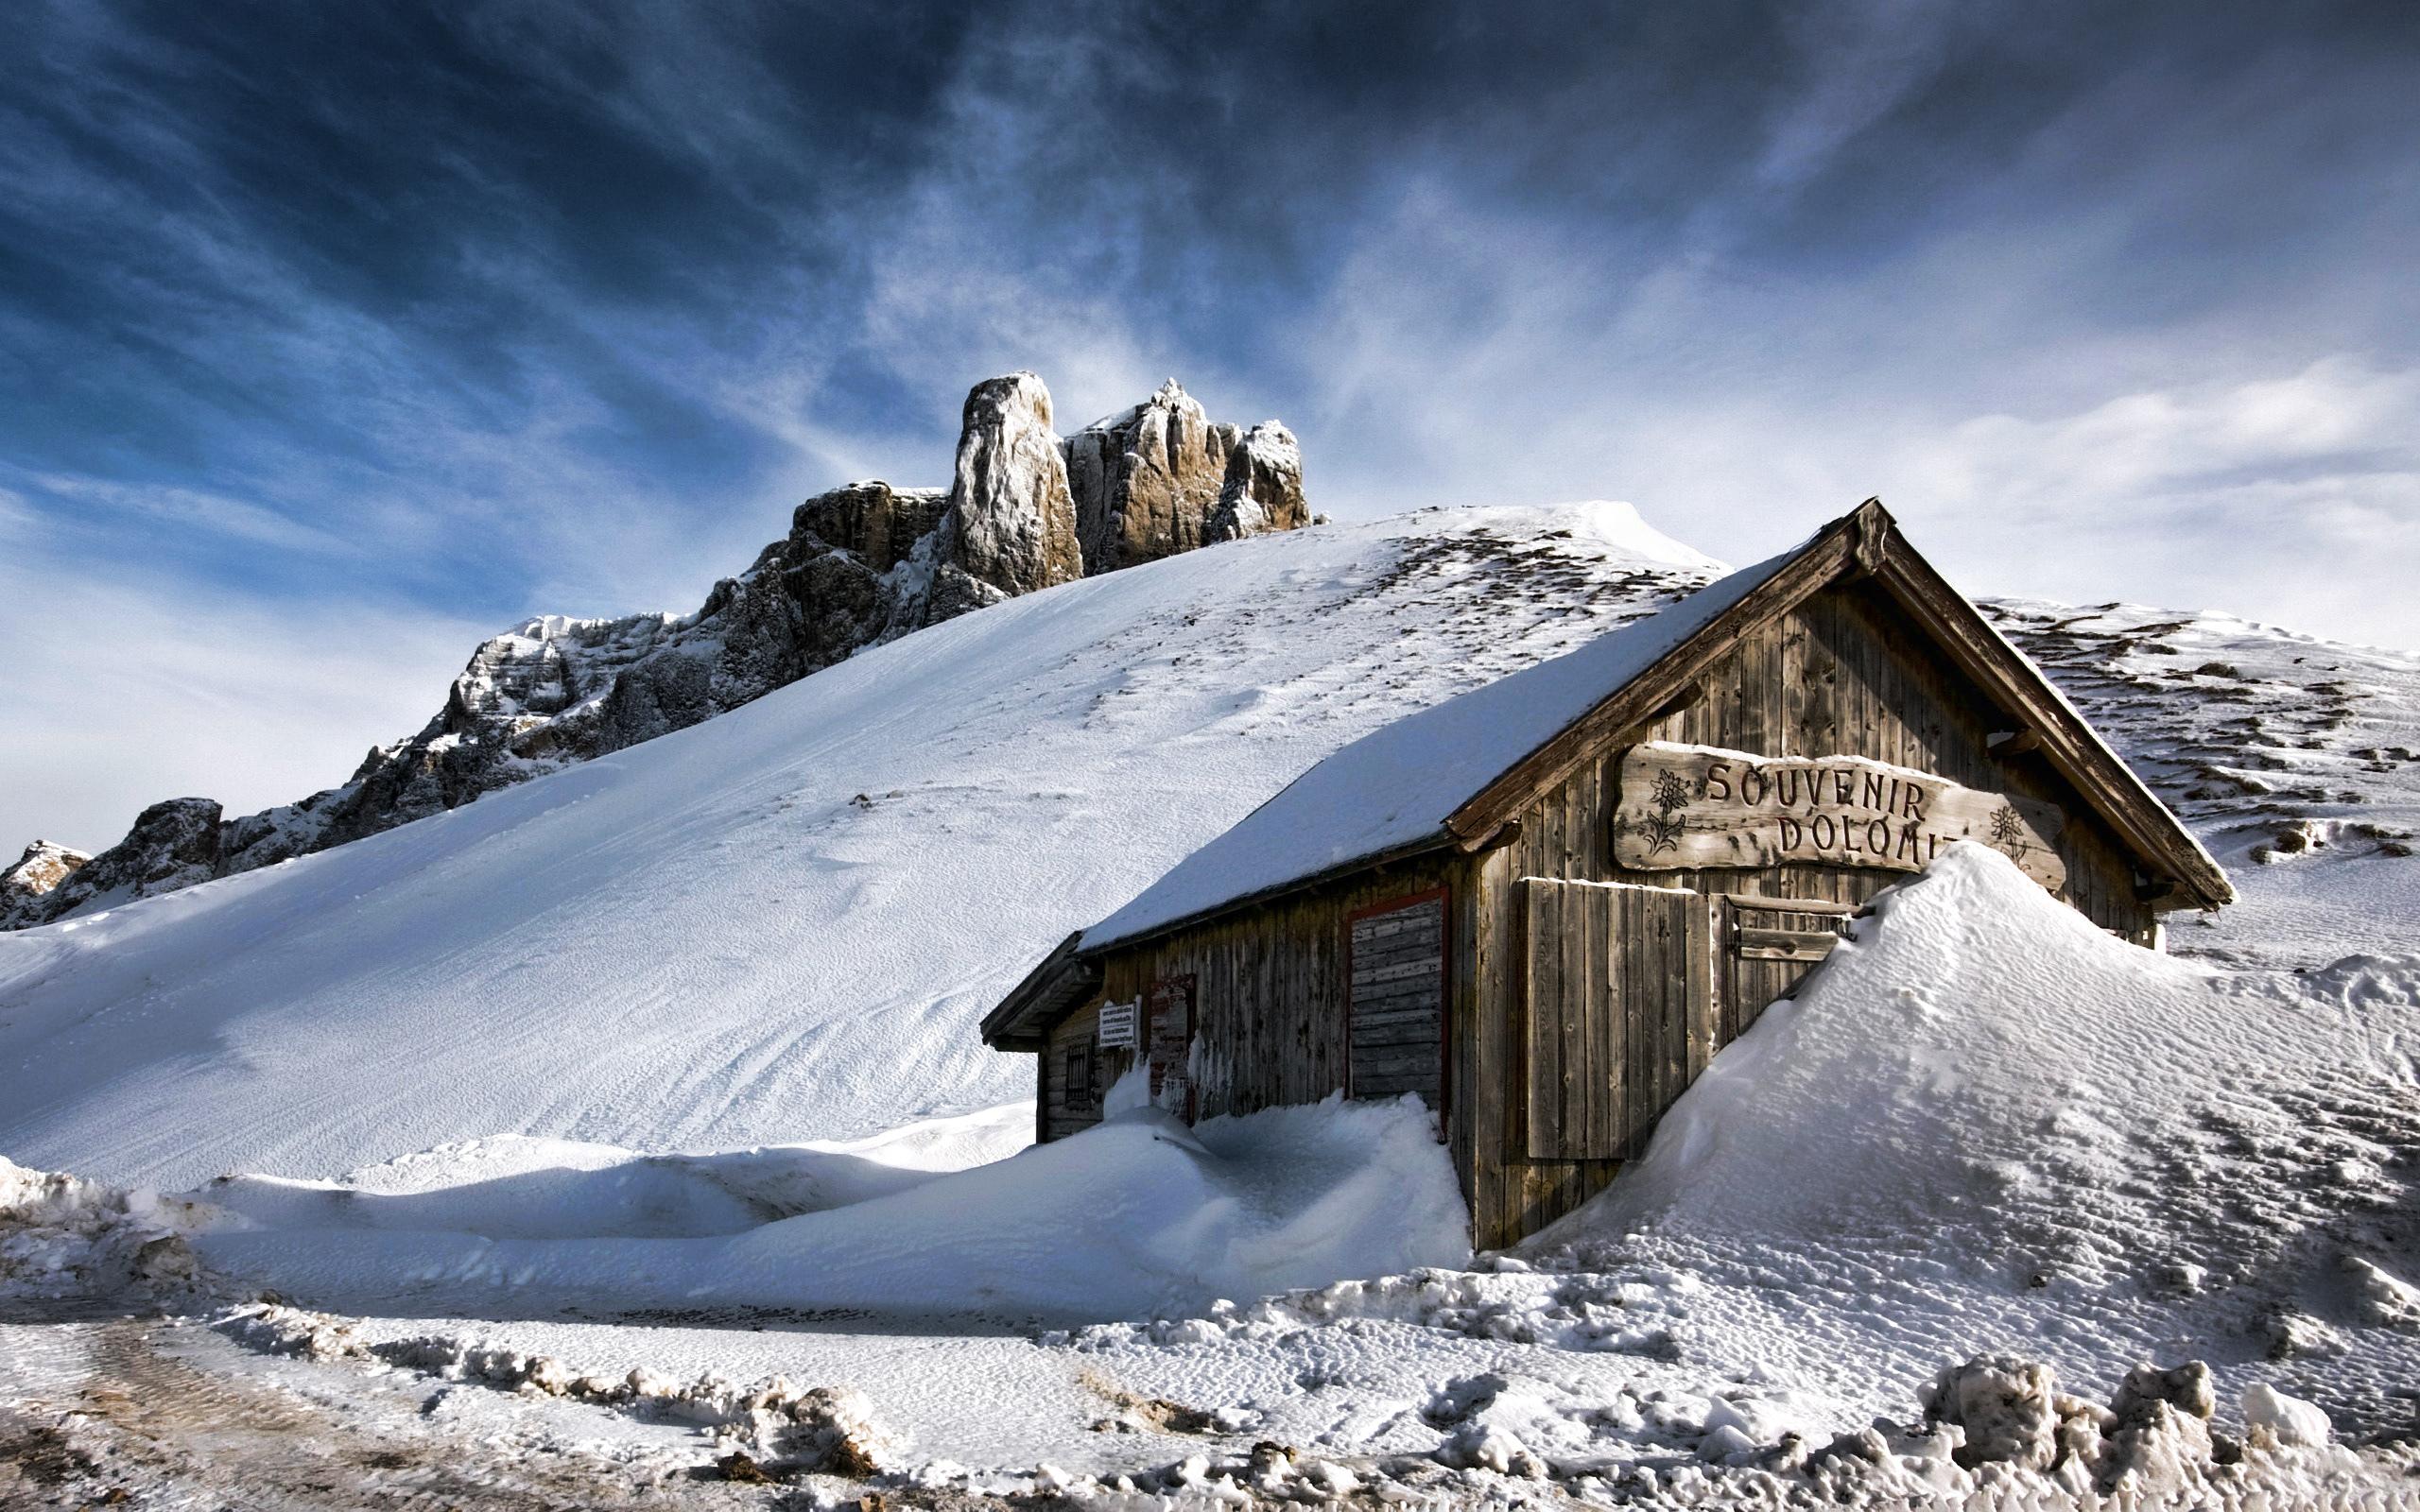 Картинка домика в снегу таких условиях